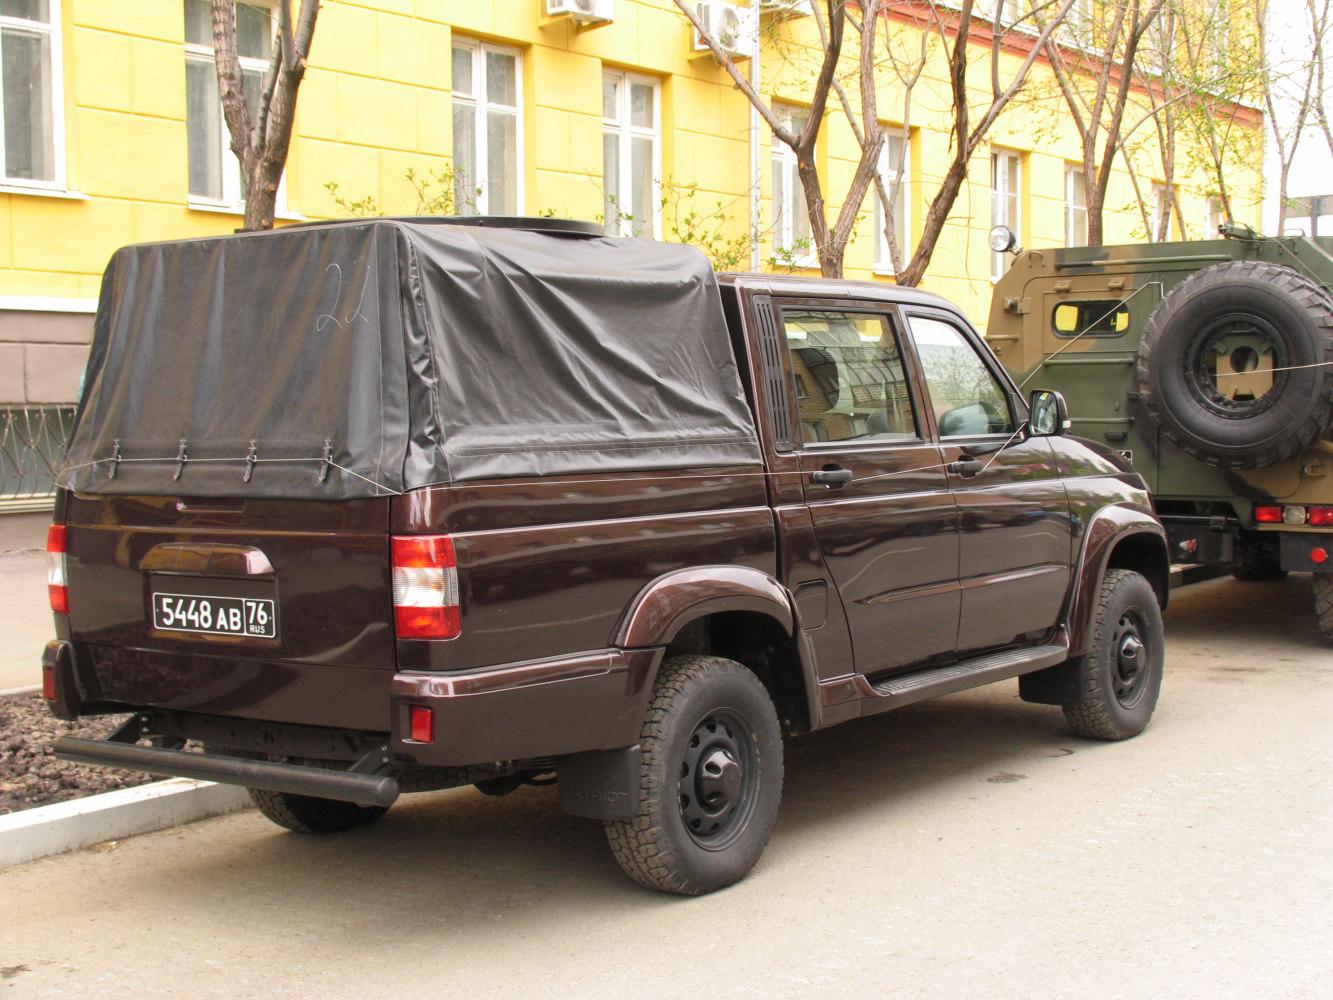 УАЗ-23632. г. Самара, ул Молодогвардейцская